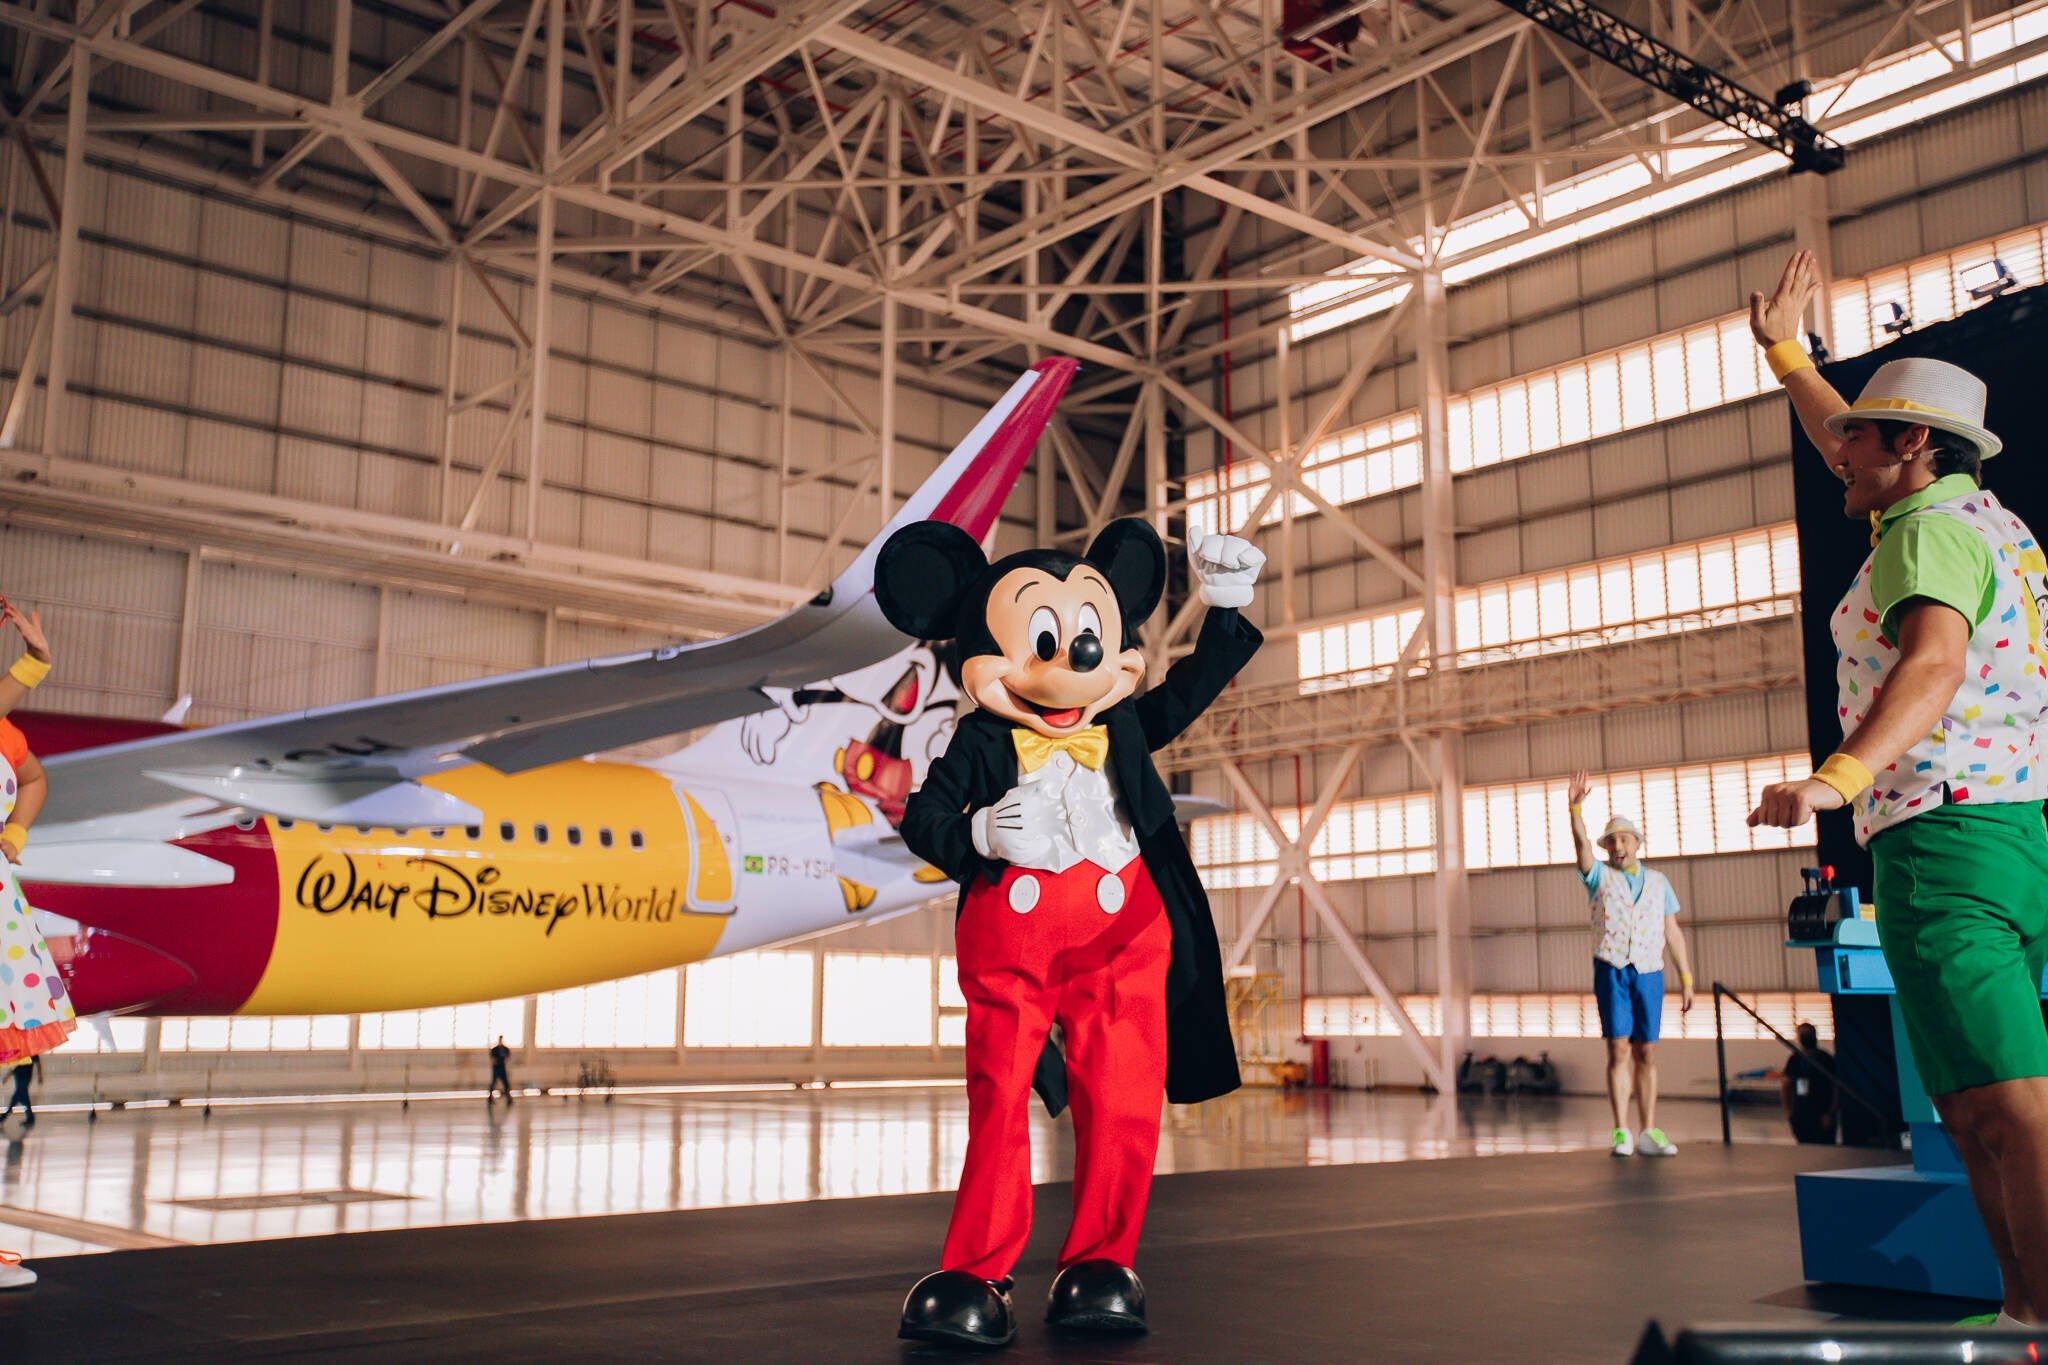 Fotos do avião do Mickey Mouse, que vai sobrevoar o Brasil. Foto: Divulgação/Azul Linhas Aéreas e Walt Disney World